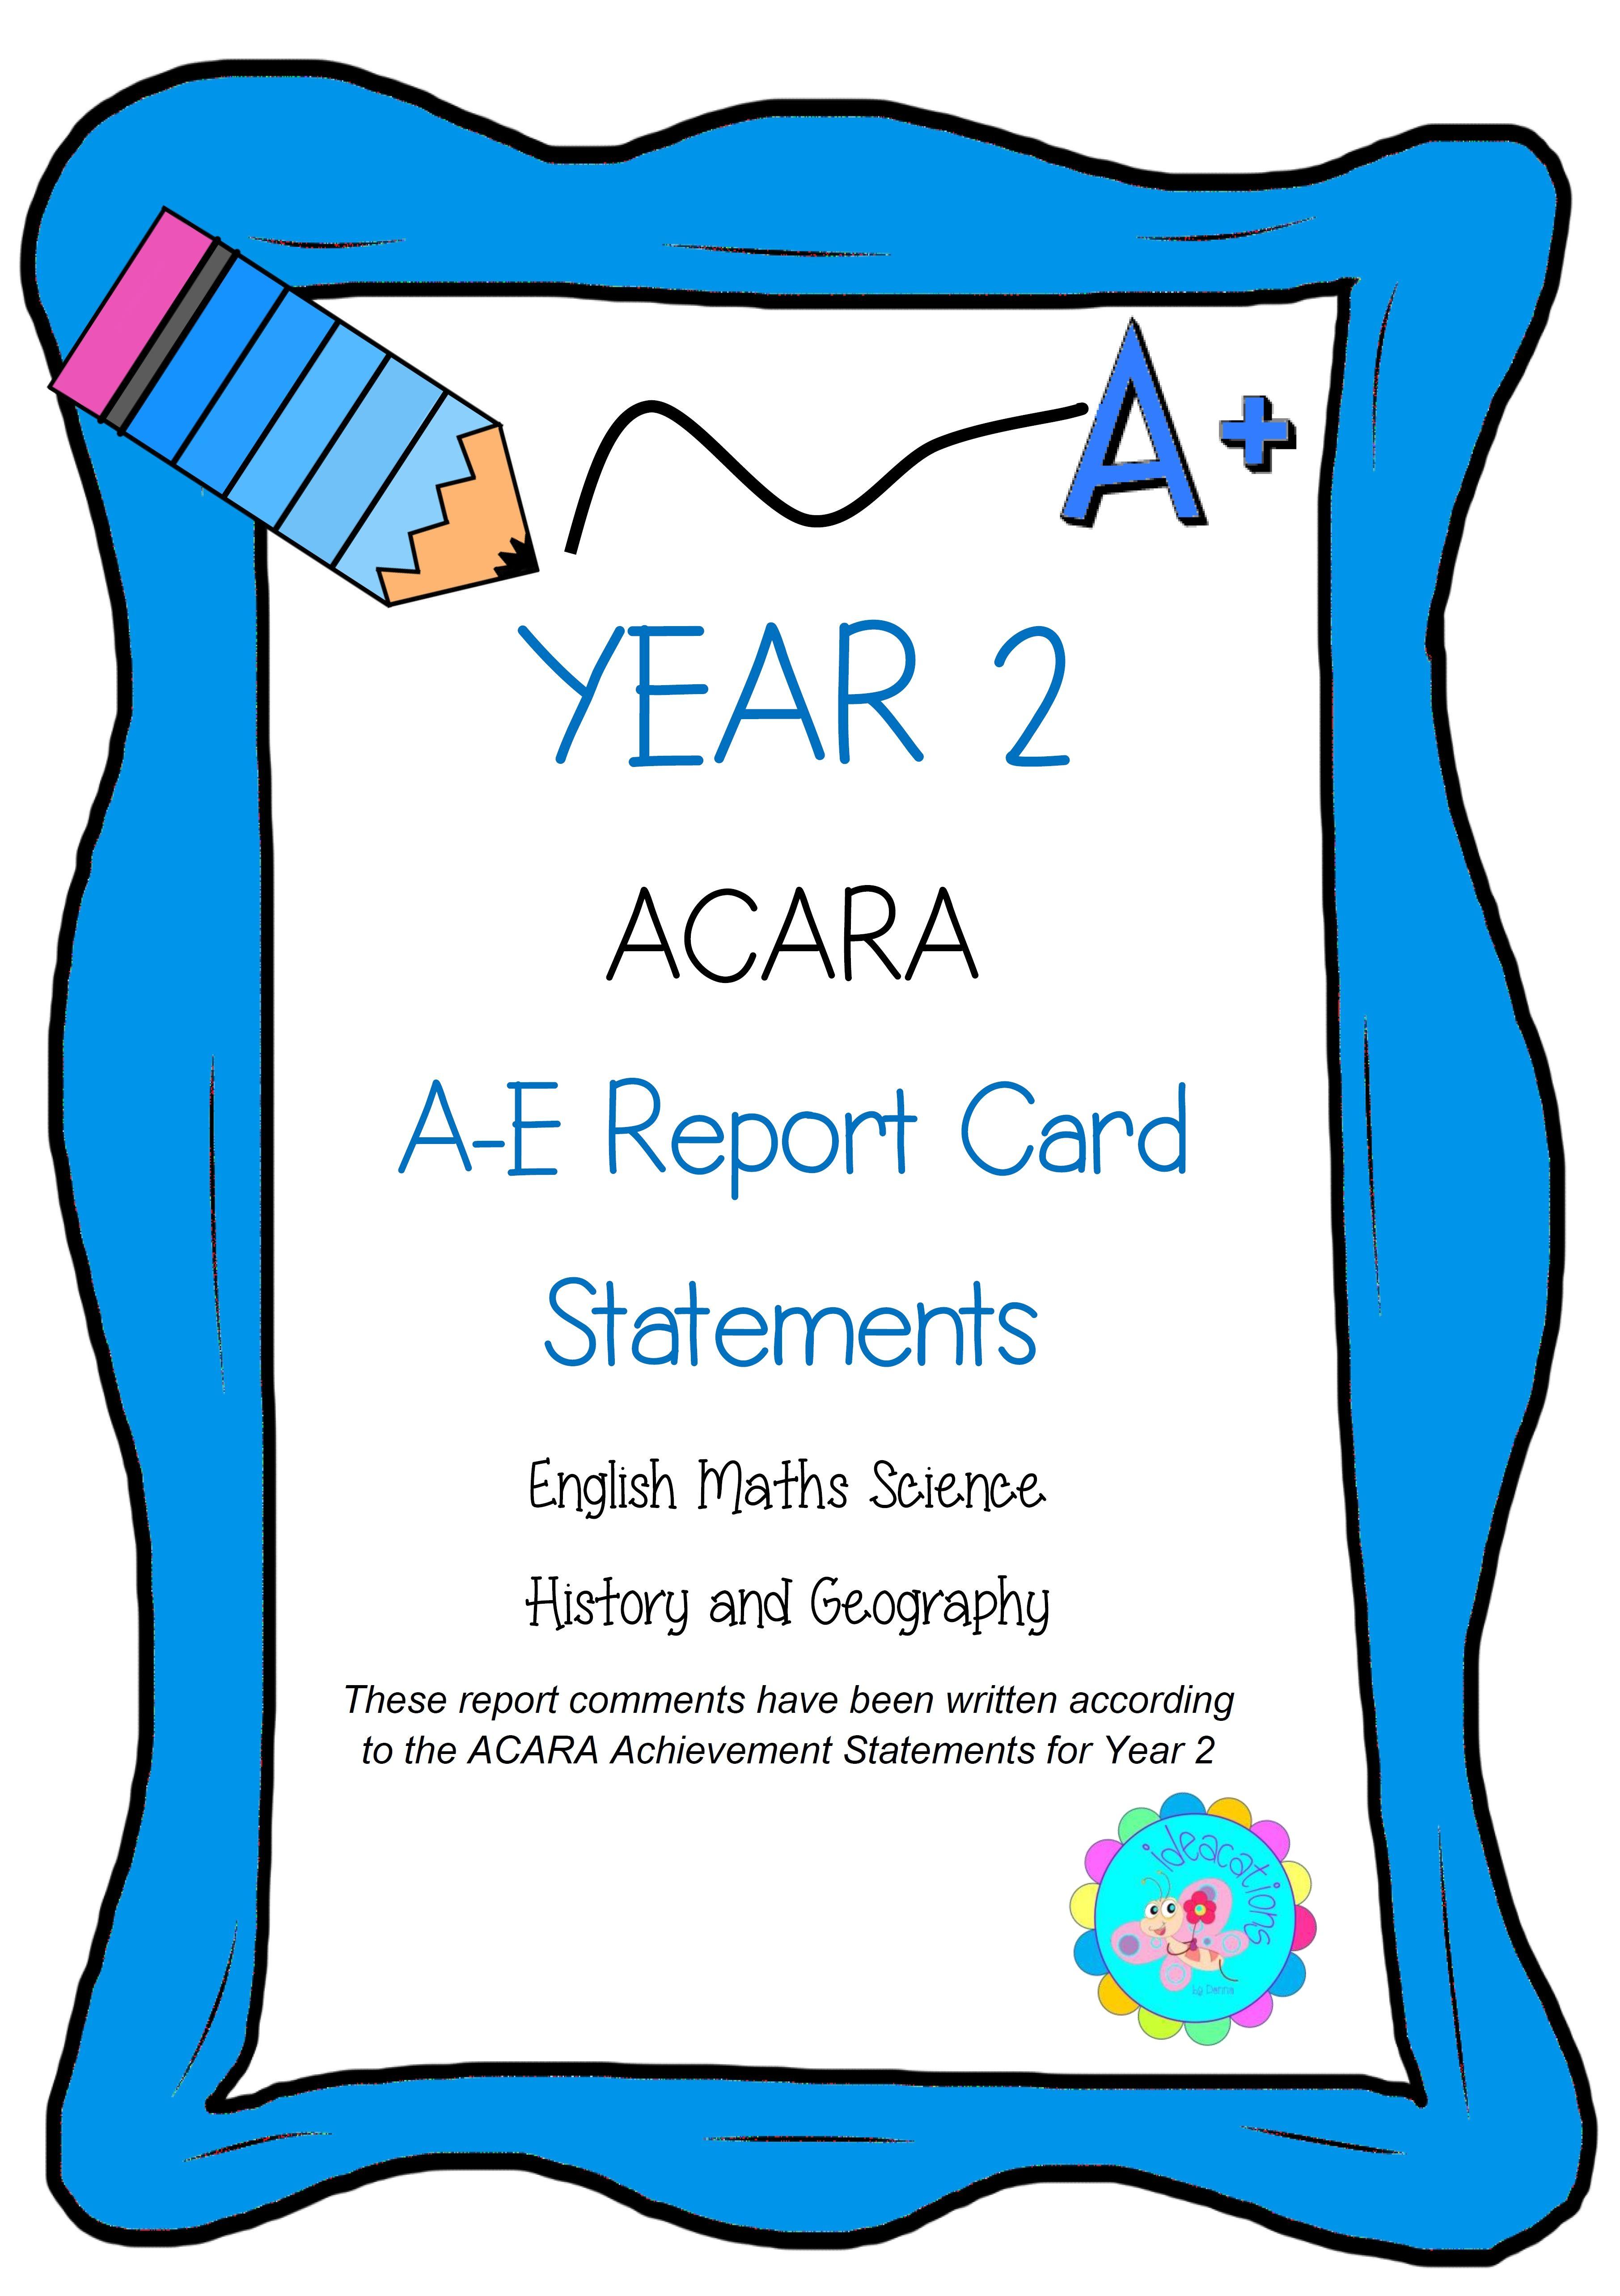 Acara Report Comments A